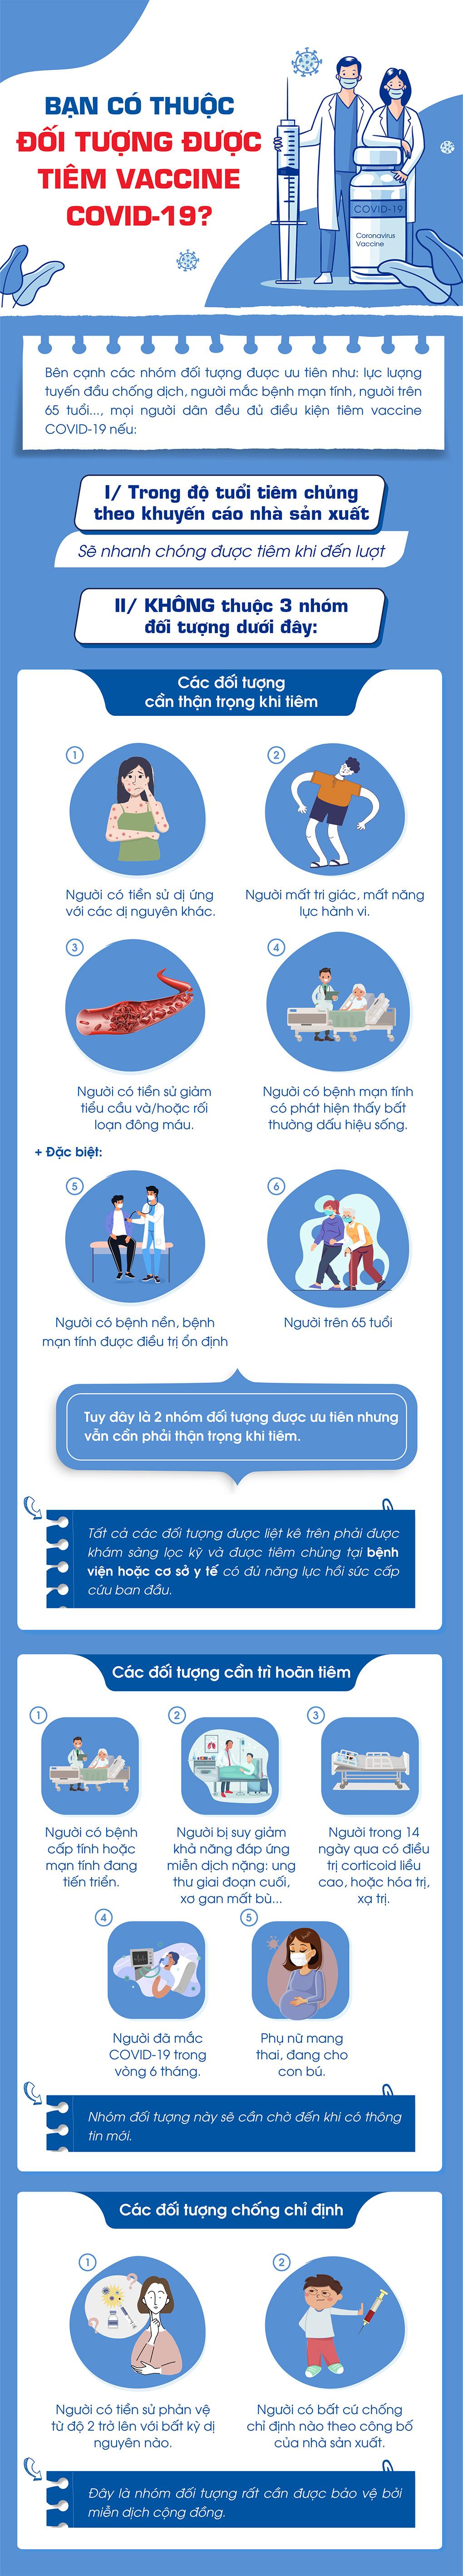 Hãy cập nhật ngay thông tin sau, để biết mình có đủ điều kiện tiêm vaccine COVID-19 hay không! - 1